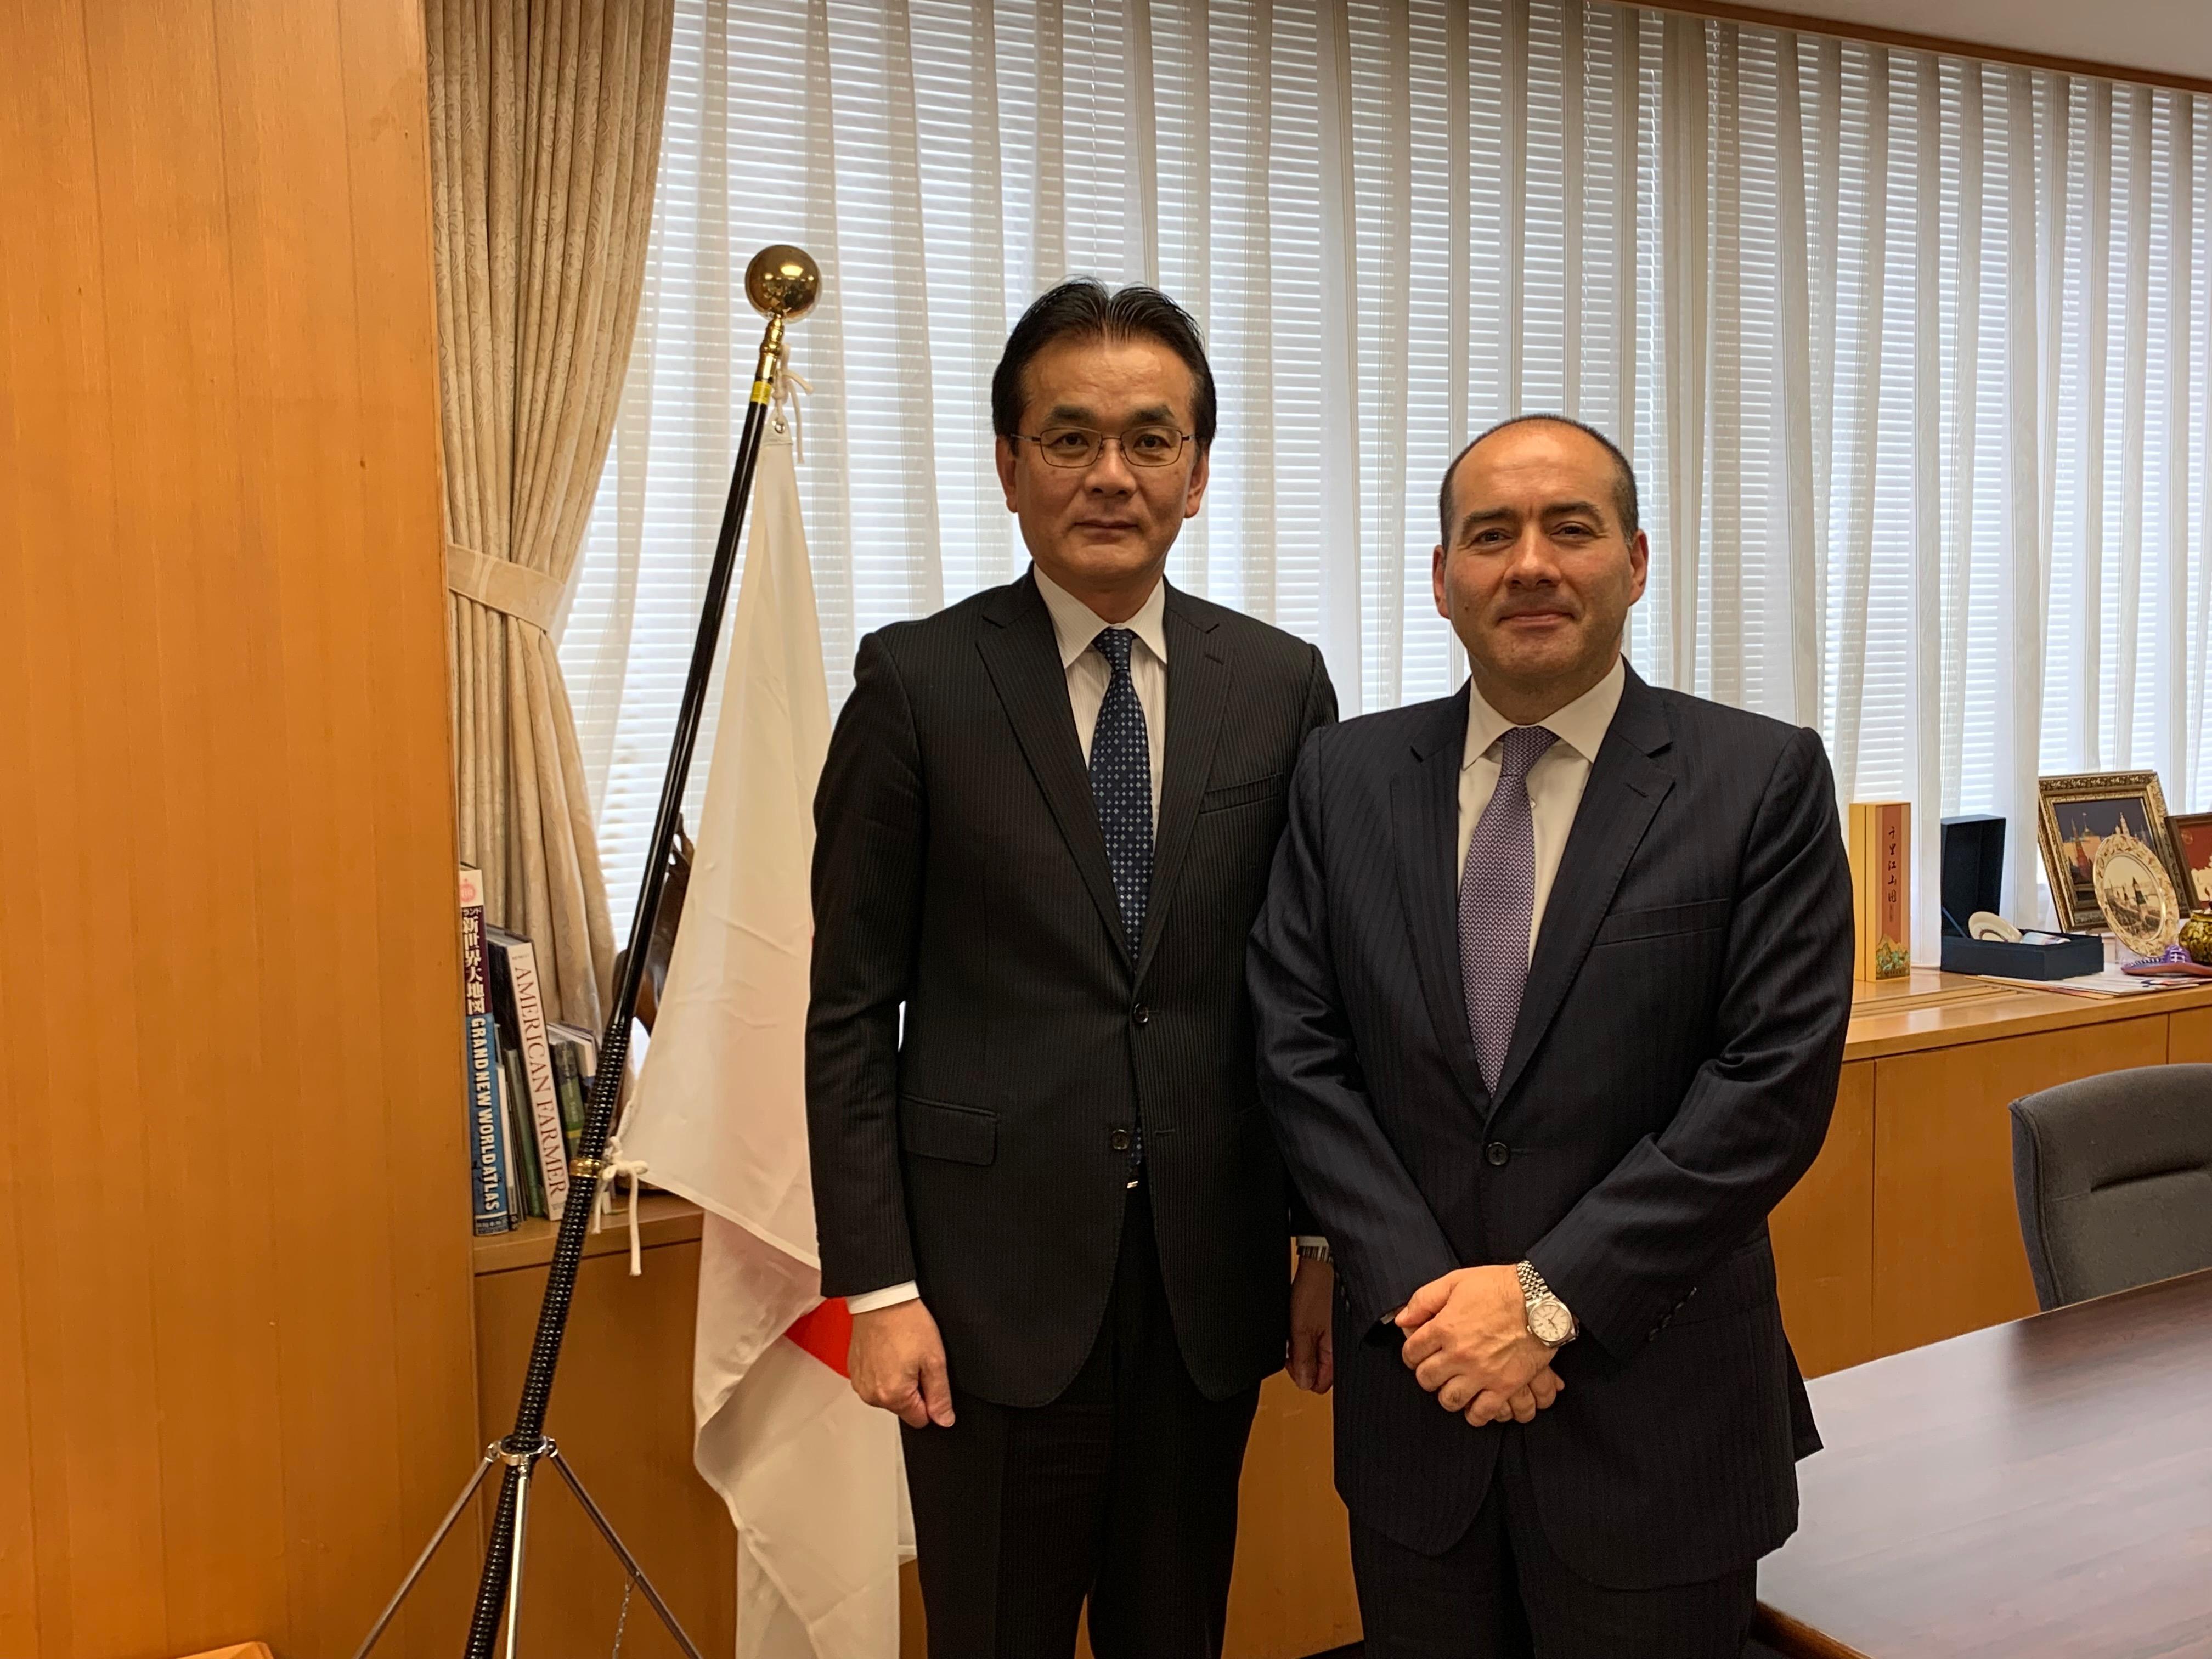 Embajador Santiago Pardo promuevió la agenda del sector agropecuario colombiano en Japón